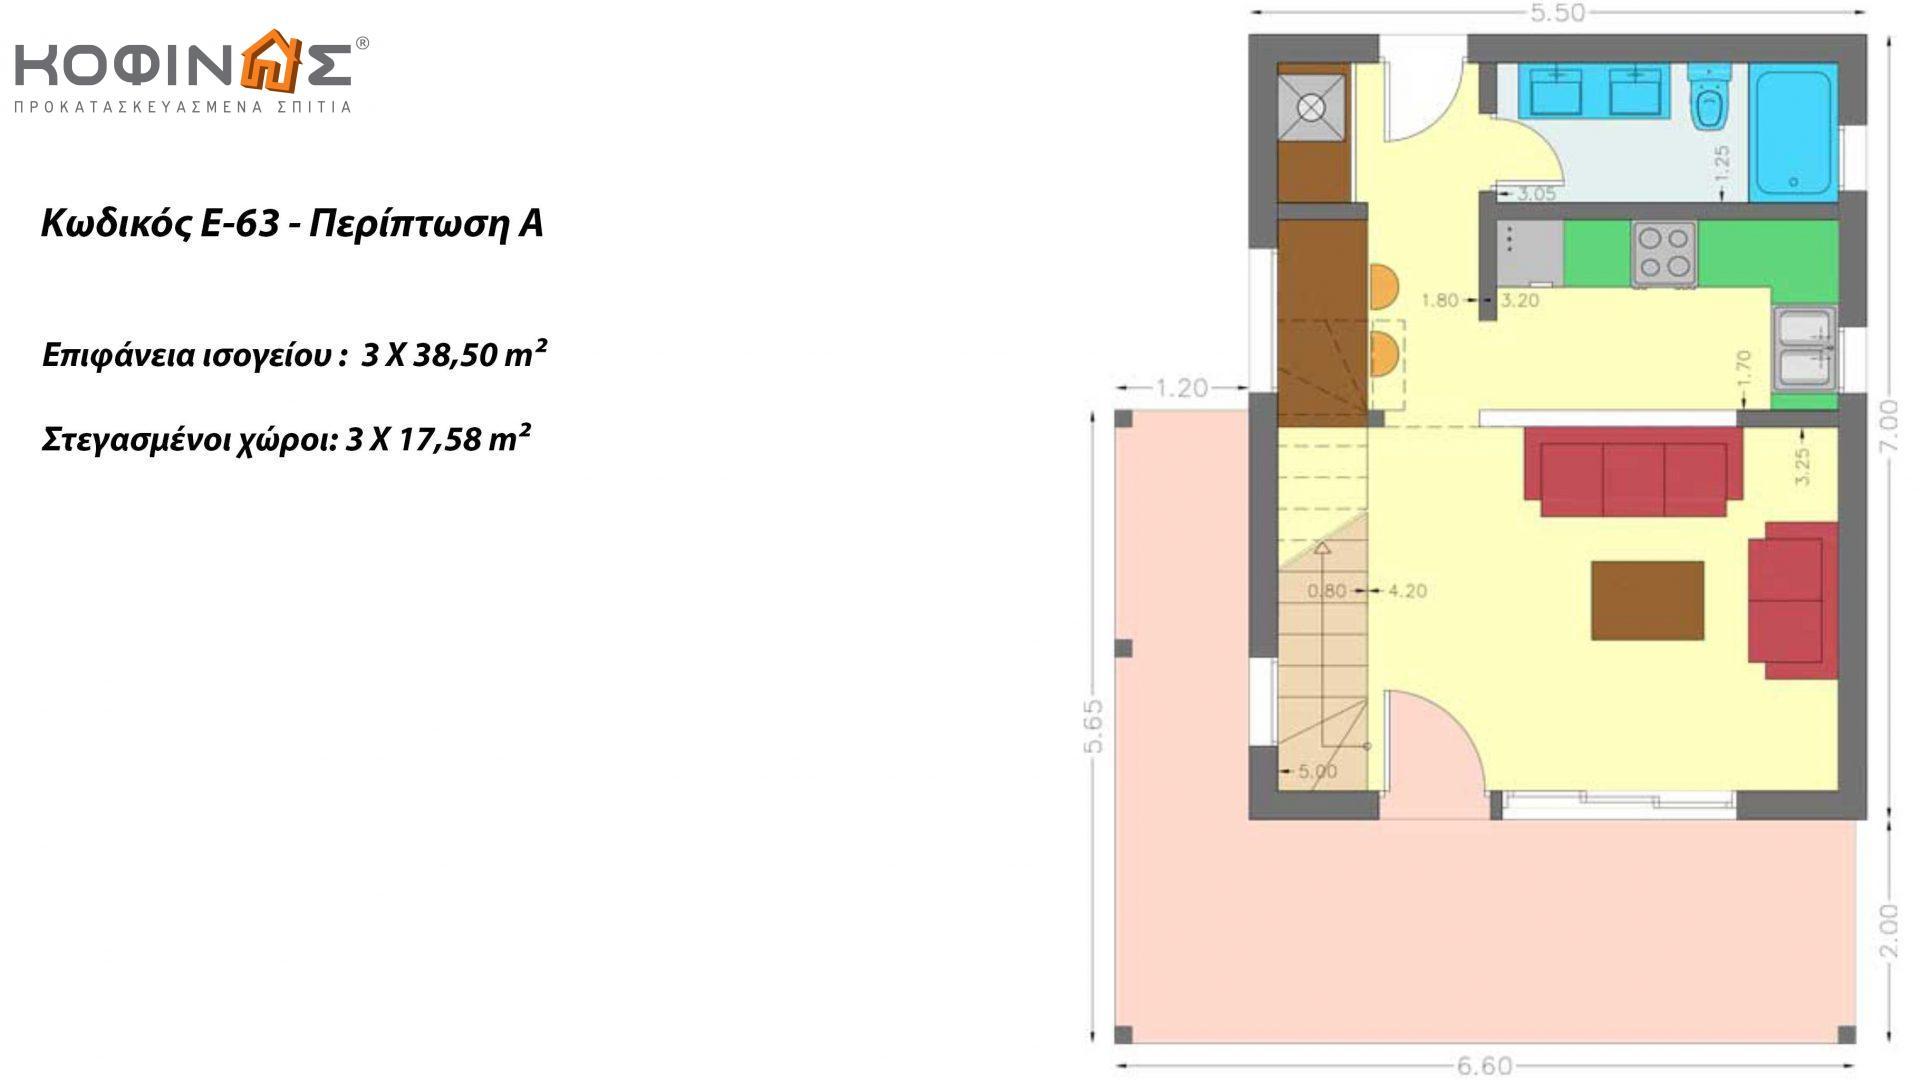 Συγκρότημα Κατοικιών E-63, συνολικής επιφάνειας 3 x 63,35 = 190,05 τ.μ., συνολική επιφάνεια στεγασμένων χώρων 54.74 τ.μ.